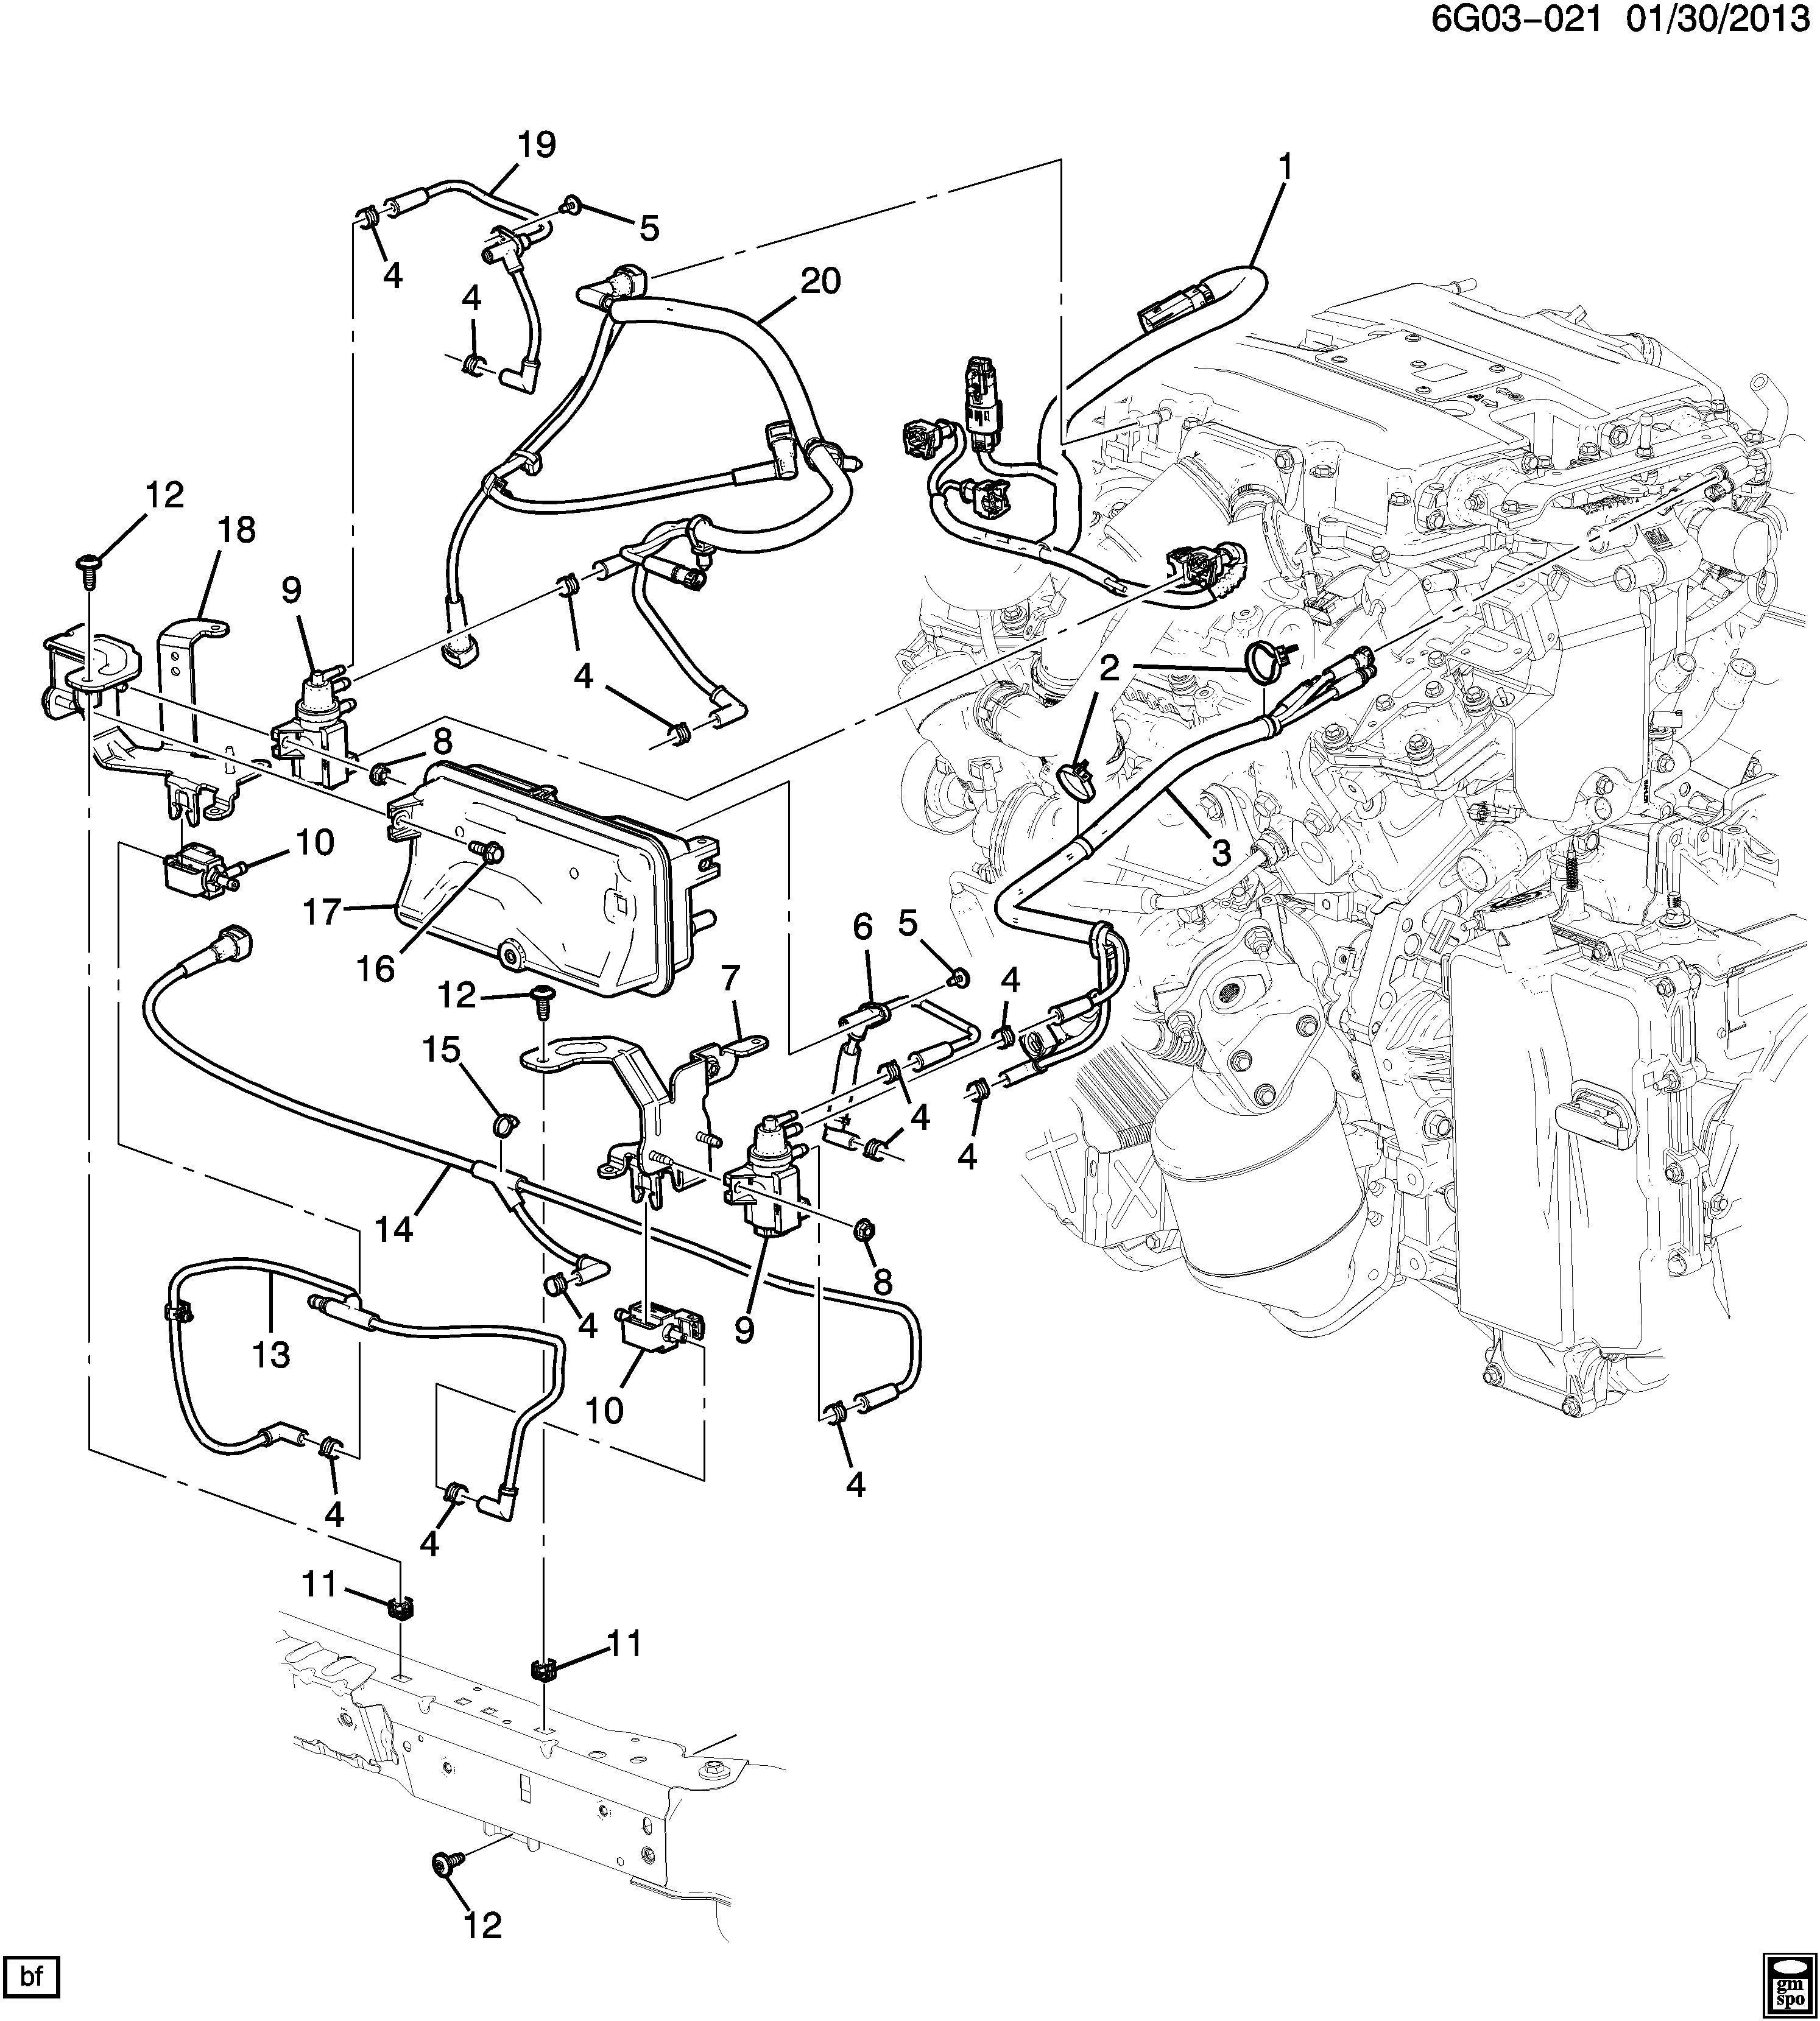 chevrolet p30 strap clip emission system transmission. Black Bedroom Furniture Sets. Home Design Ideas